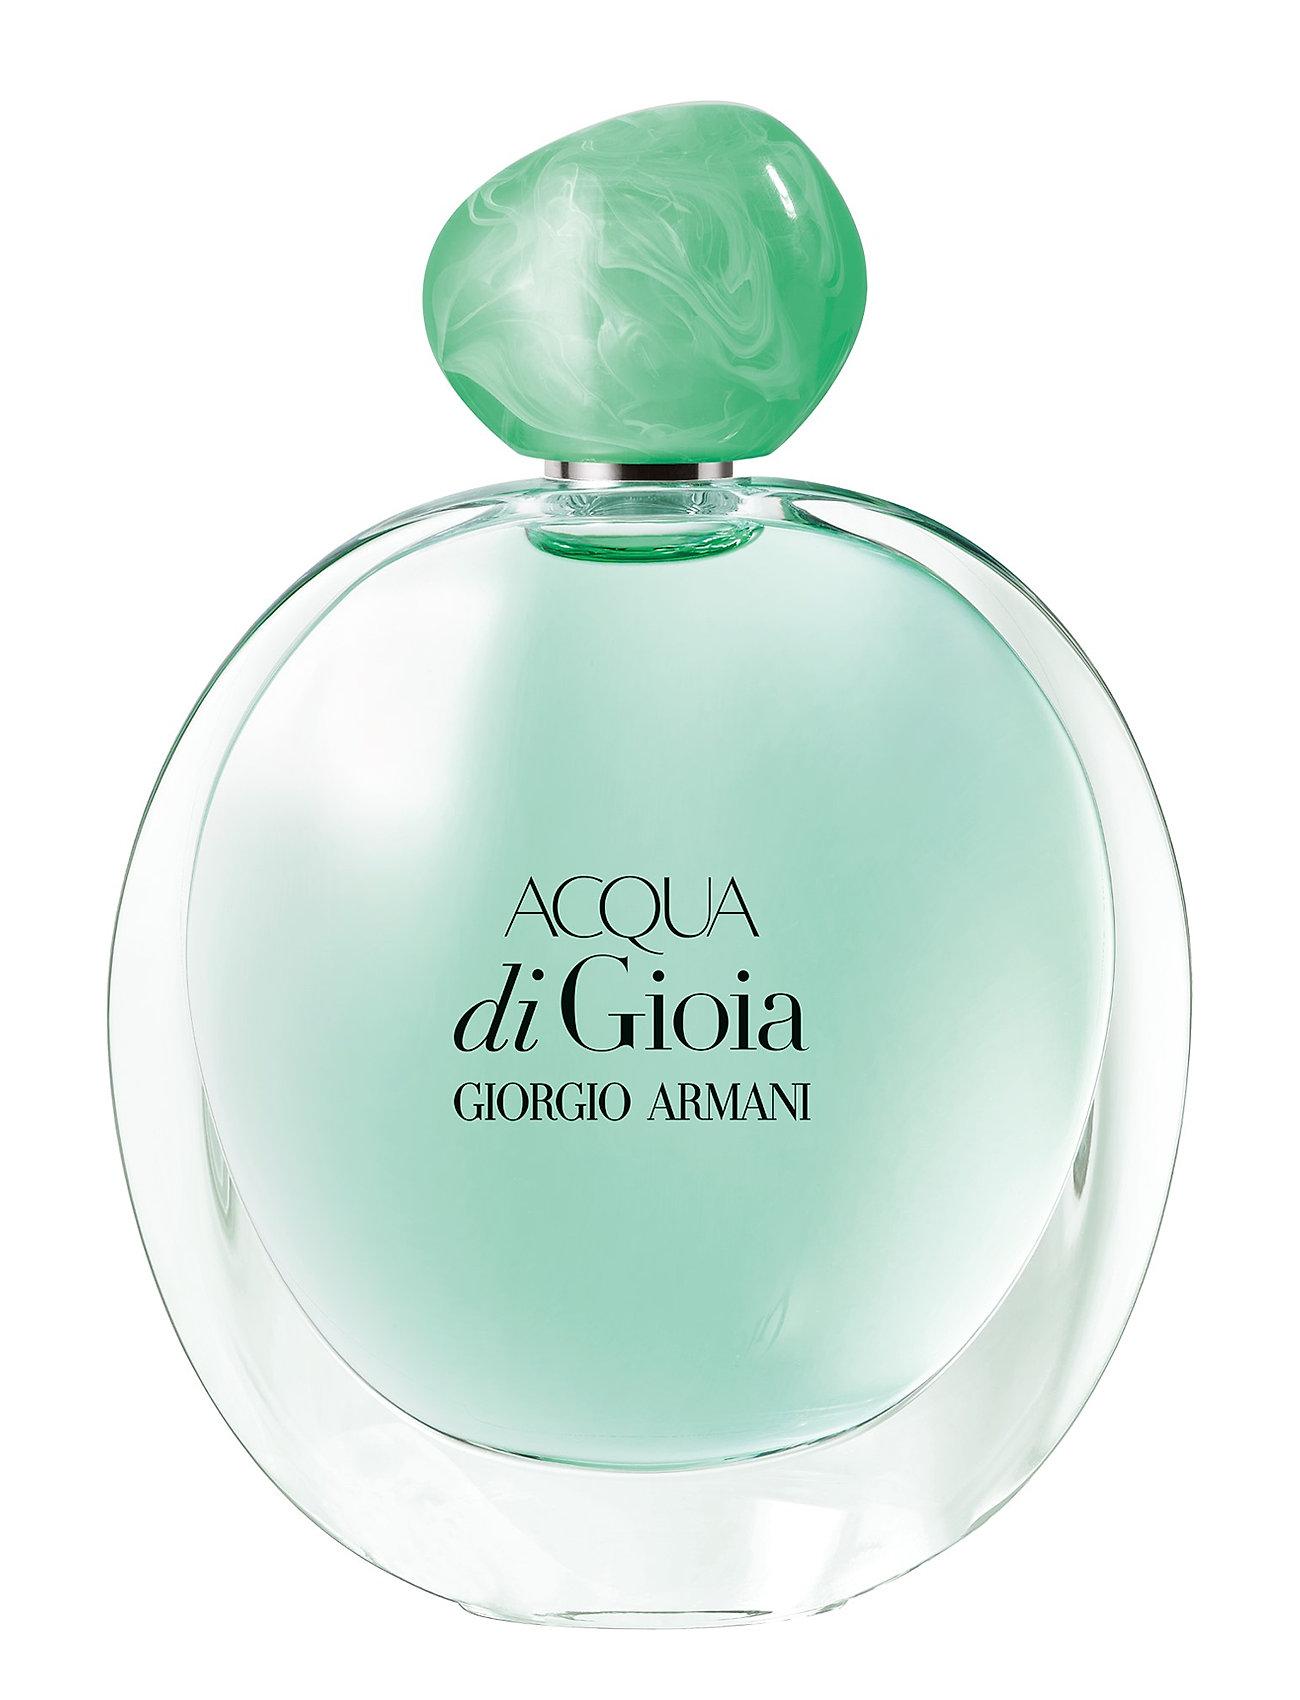 giorgio armani Acqua di gioia eau de parfum 100 ml på boozt.com dk